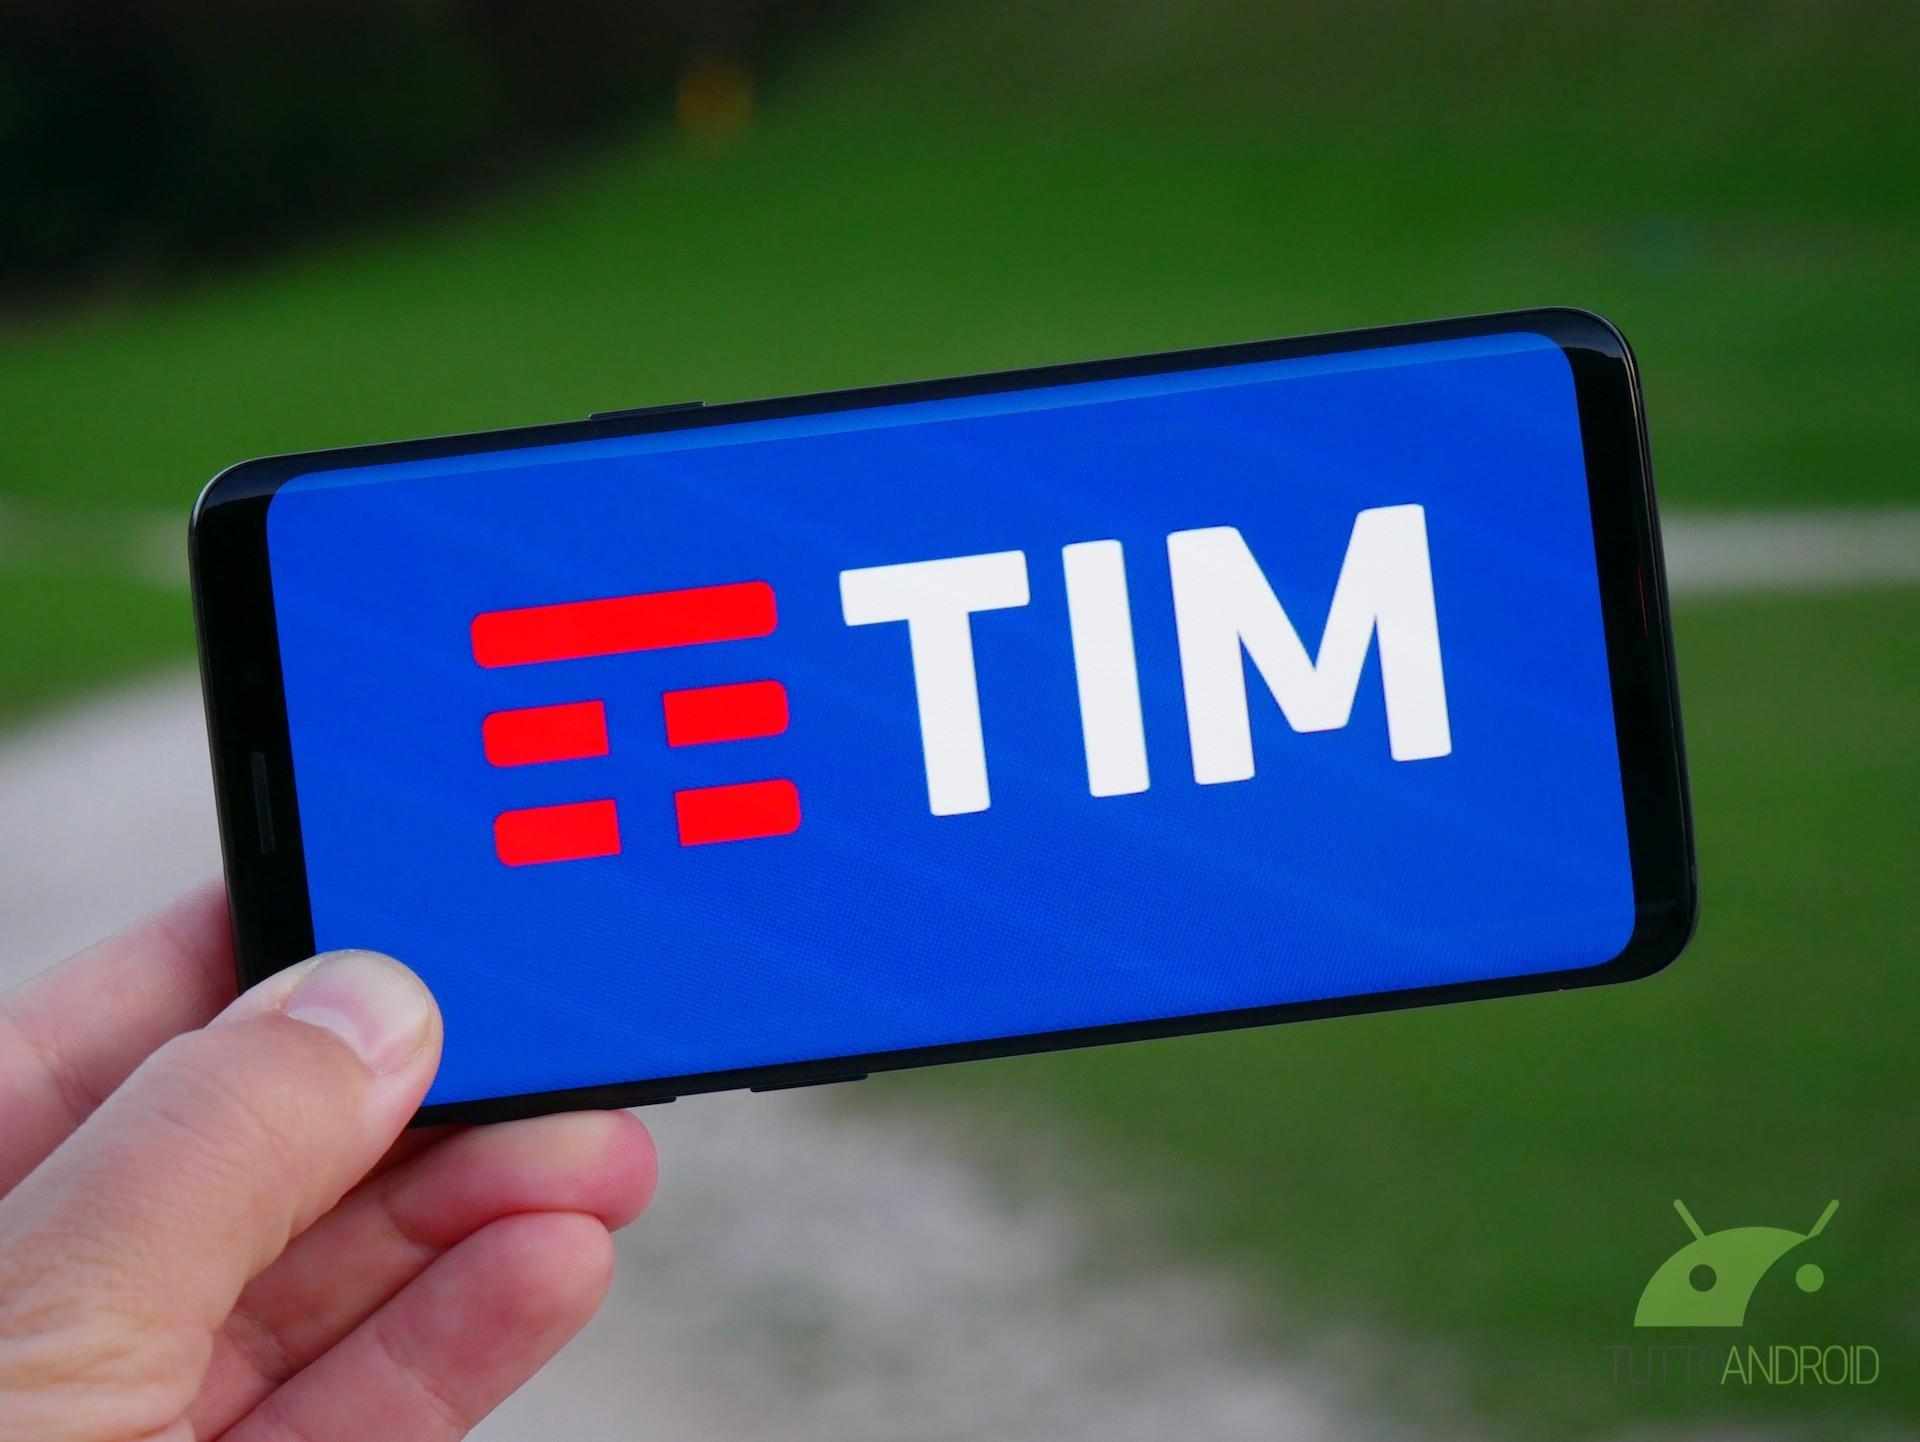 Acquistare questi smartphone con TIM adesso costa meno